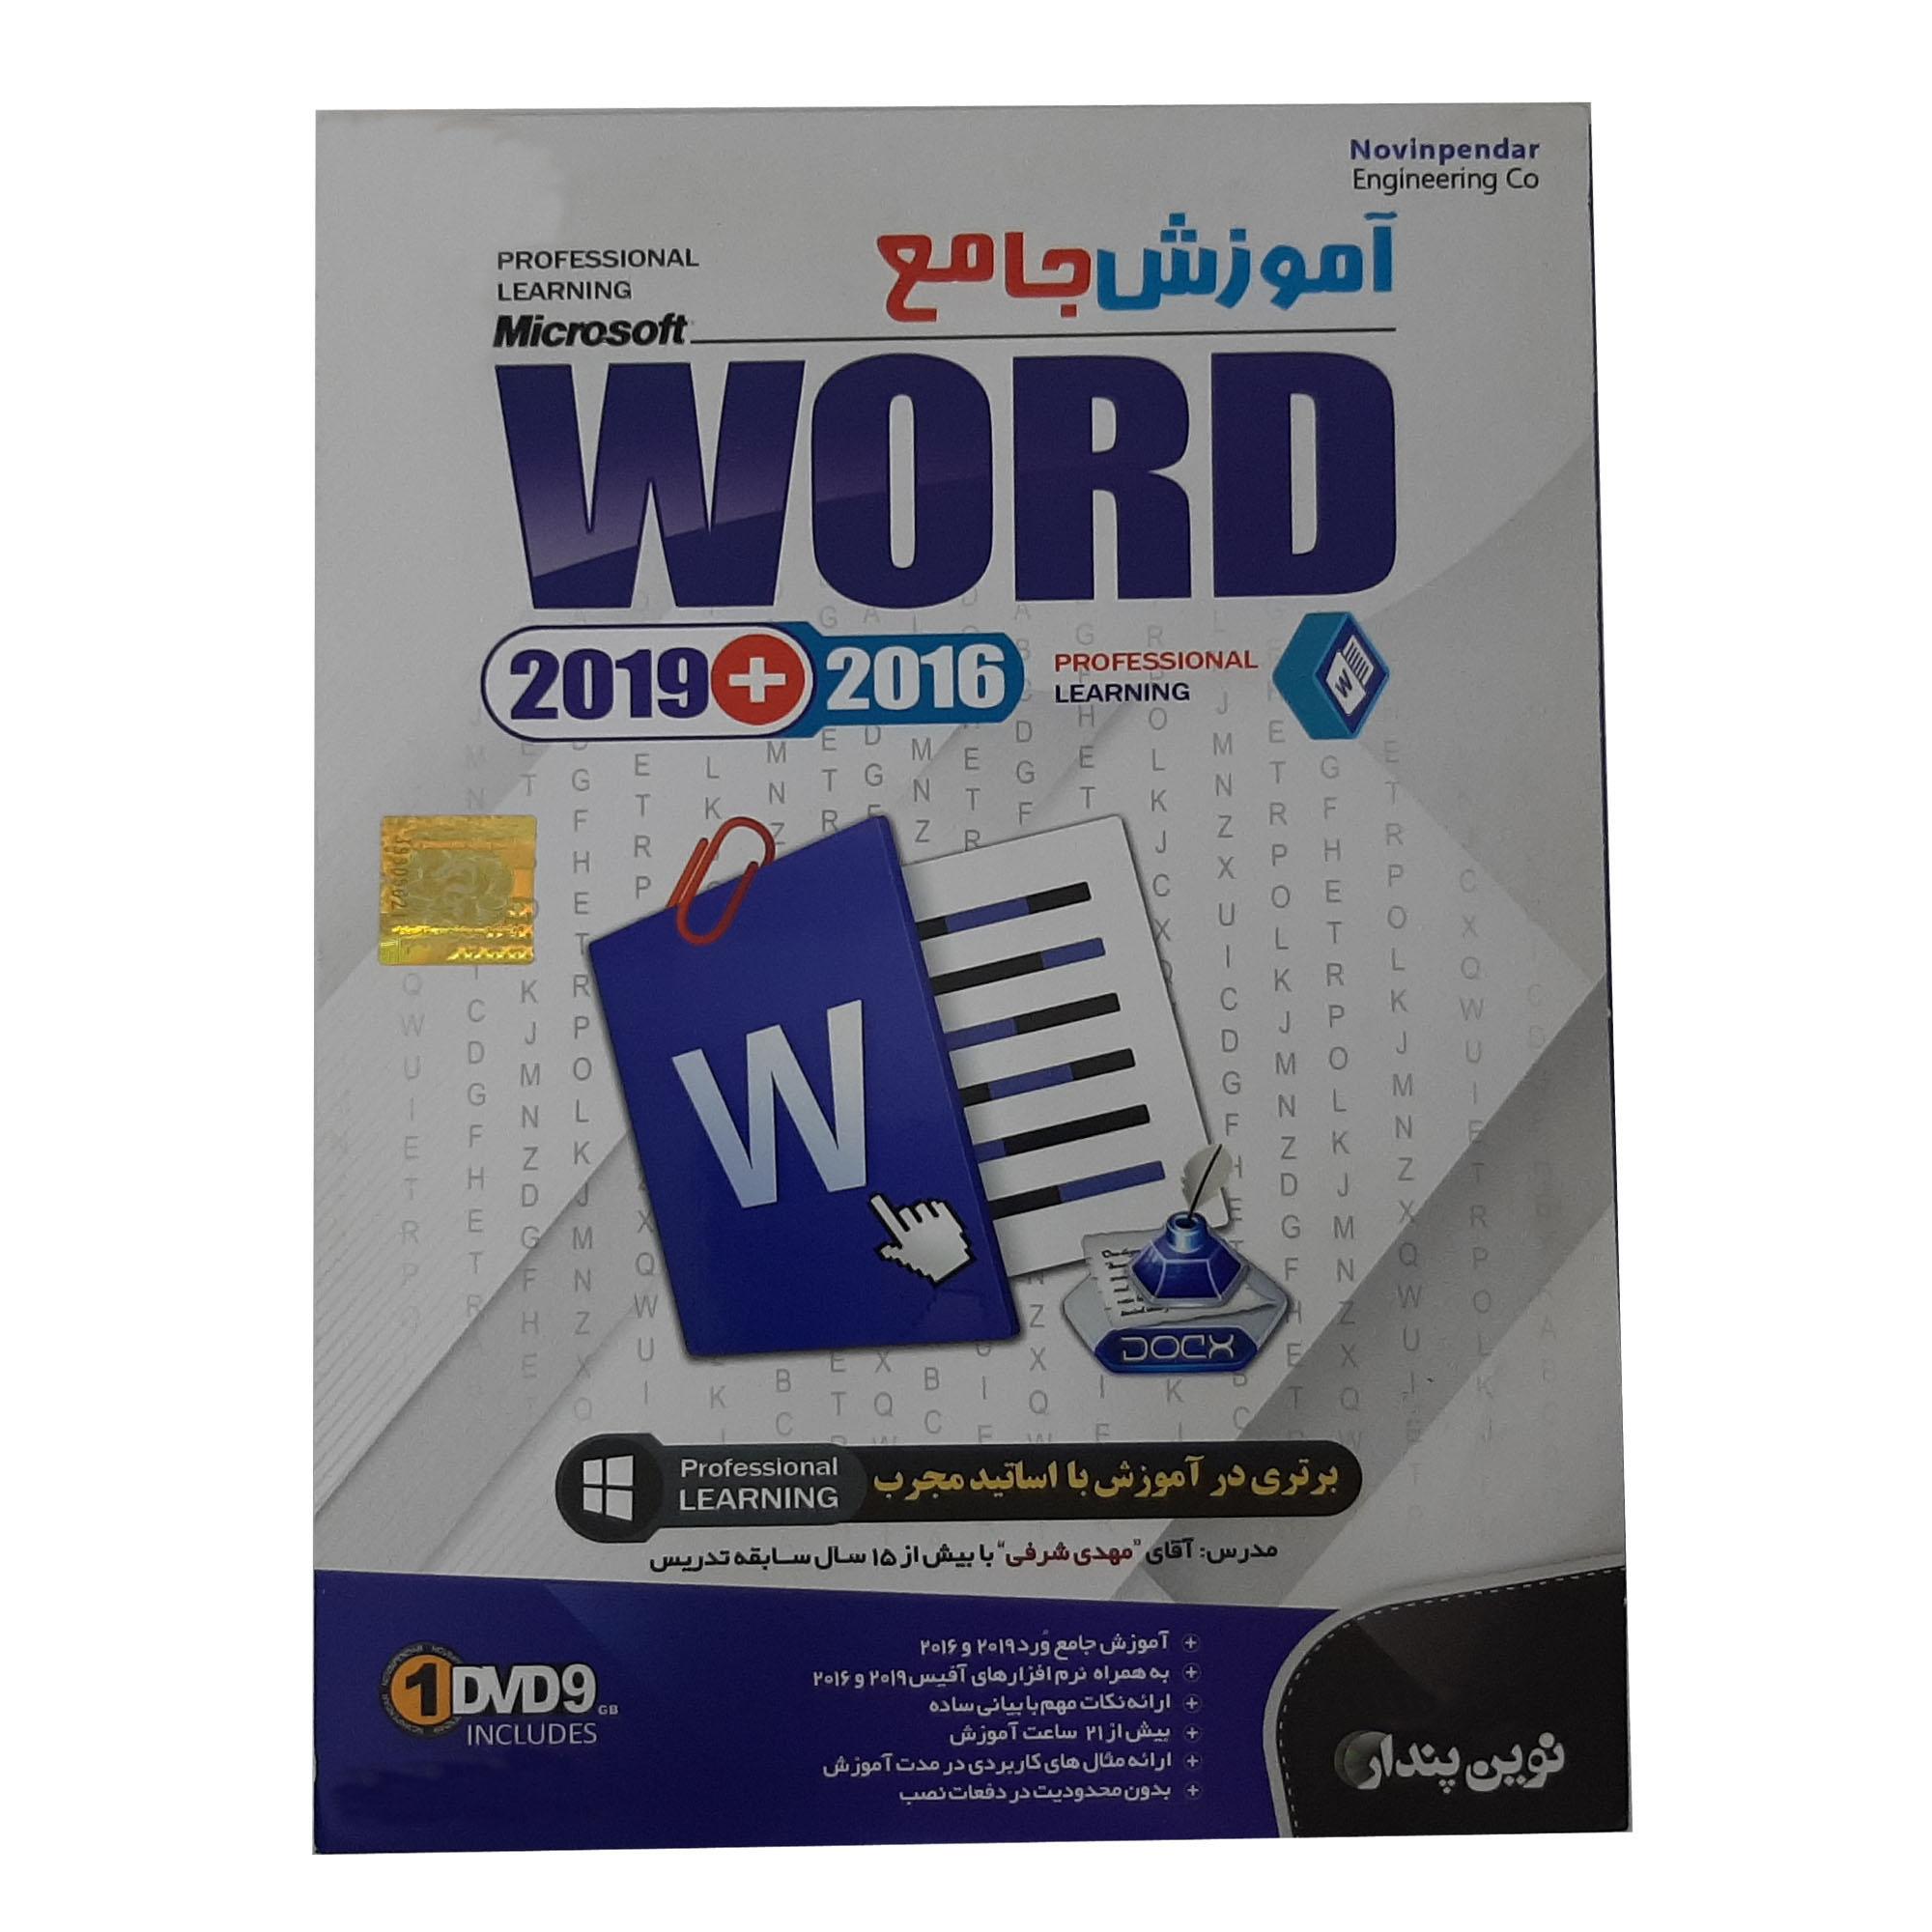 نرم افزار آموزش جامع Microsoft Word 2019+2016 نشر نوین پندار